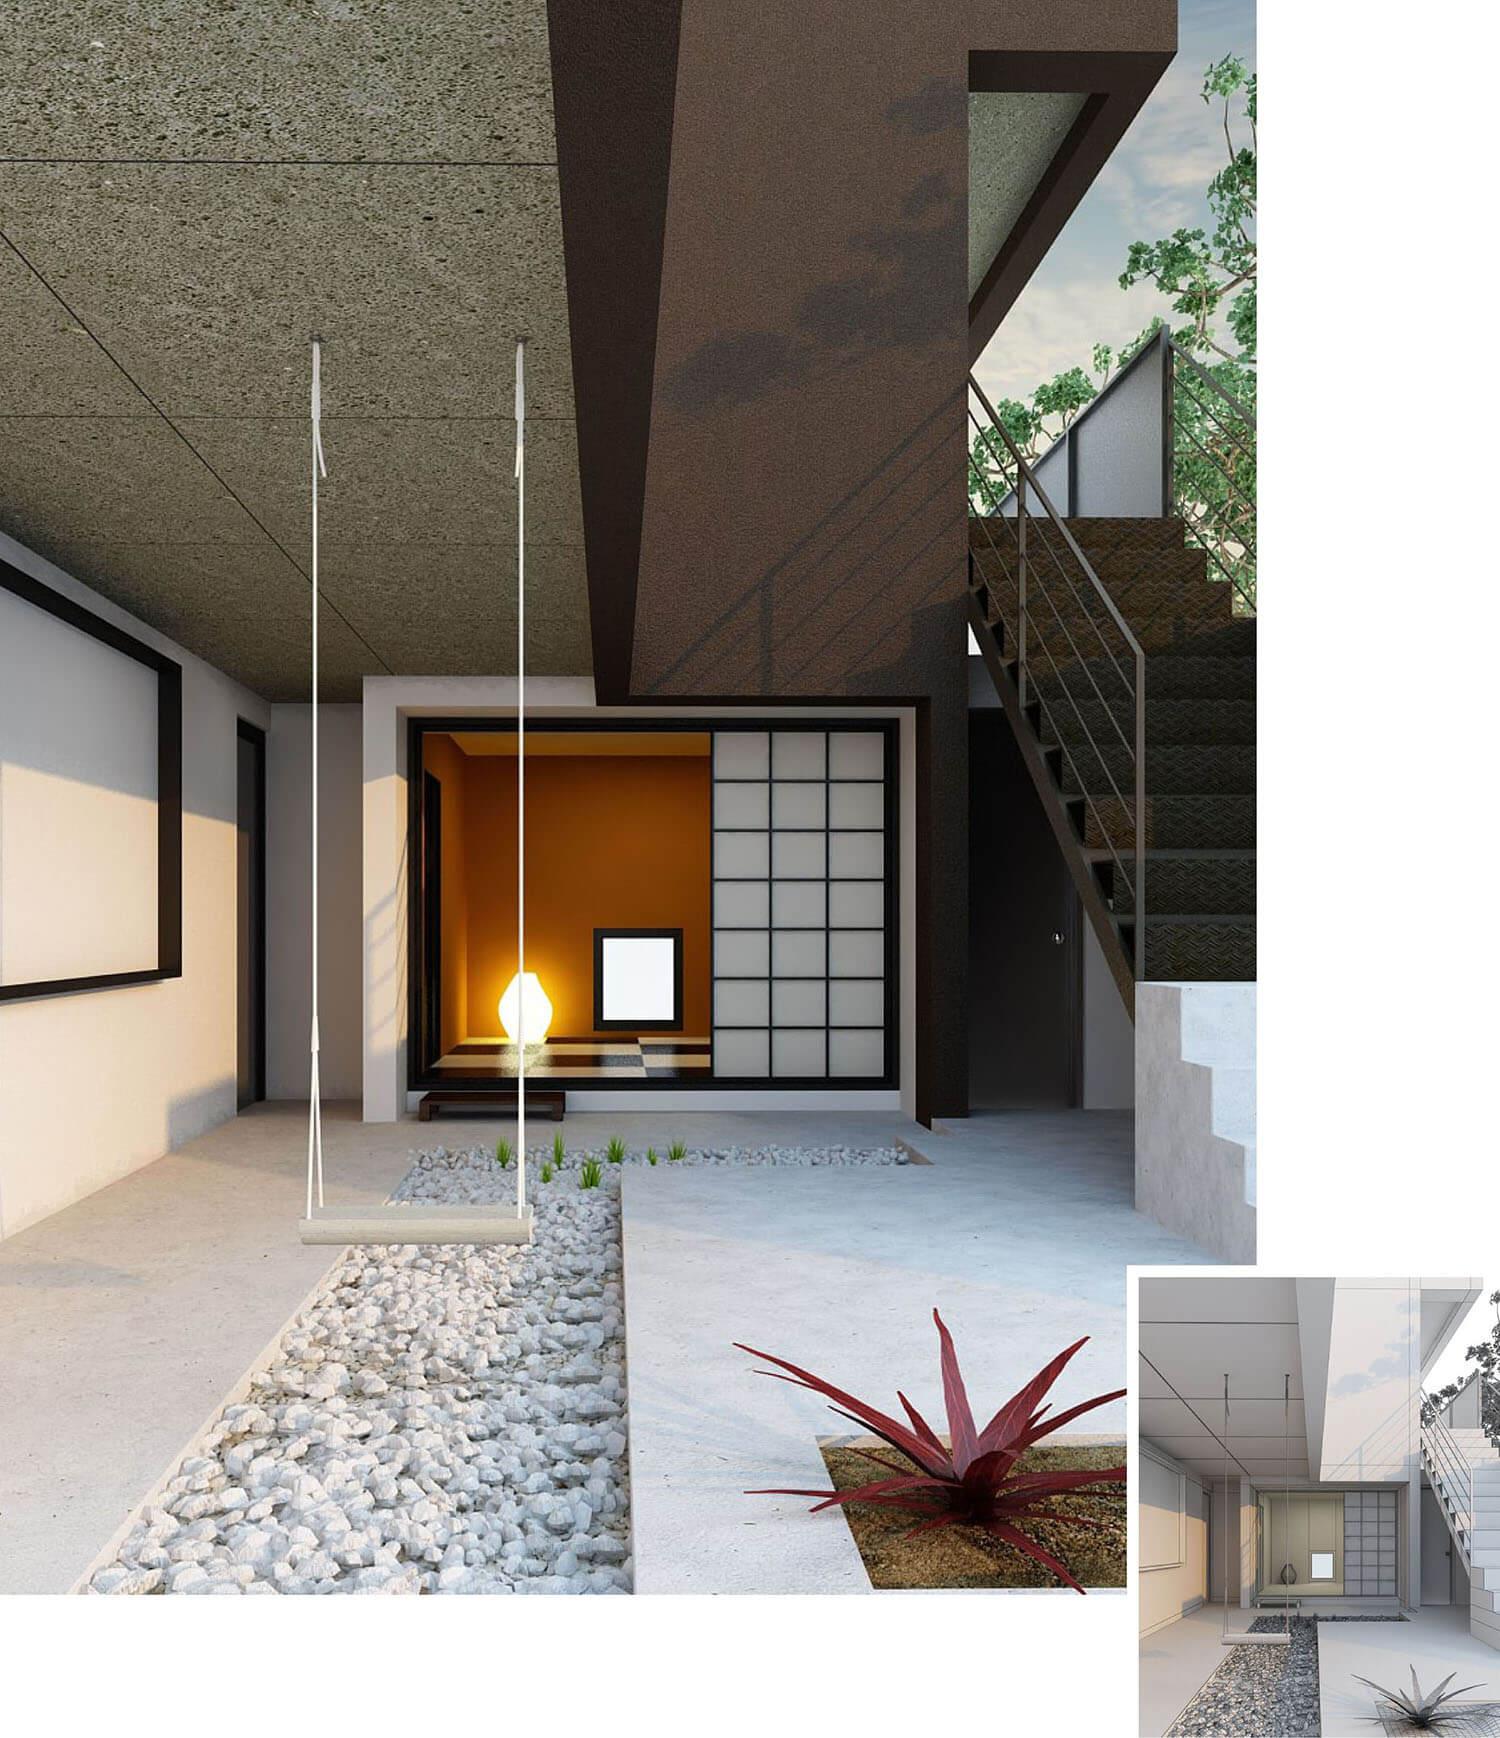 thiết kế trang trí hành lang lối đi